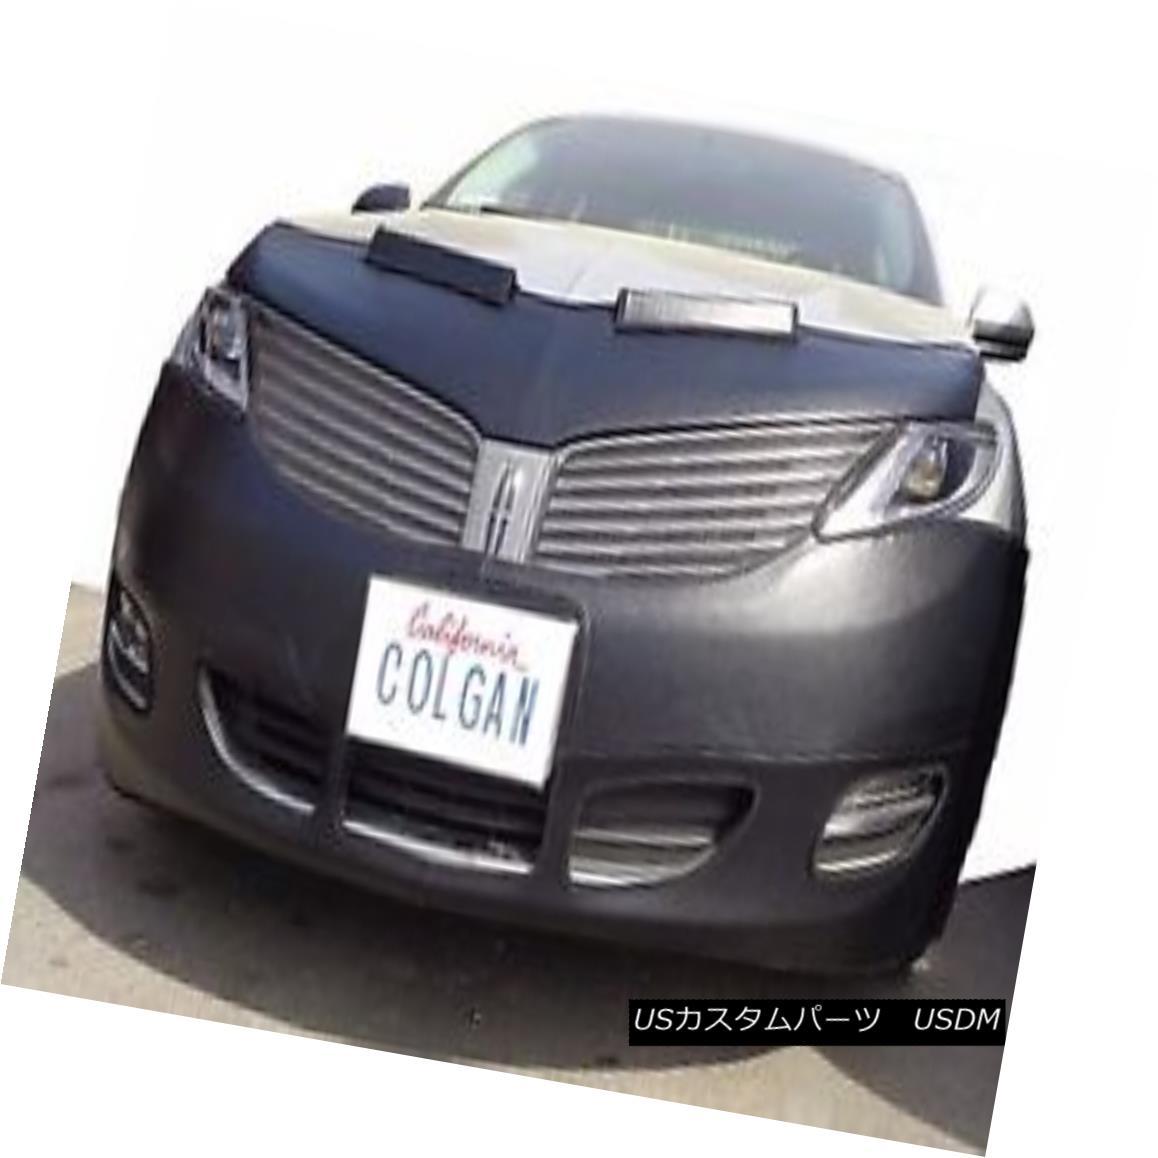 フルブラ ノーズブラ Colgan Front End Mask Bra 2pc. Fits Lincoln MKZ 2013-2016 W/O Lic.Plate コルガンフロントエンドマスクブラ2pc リンカーンMKZ 2013-2016 W / O Lic.Plateに適合